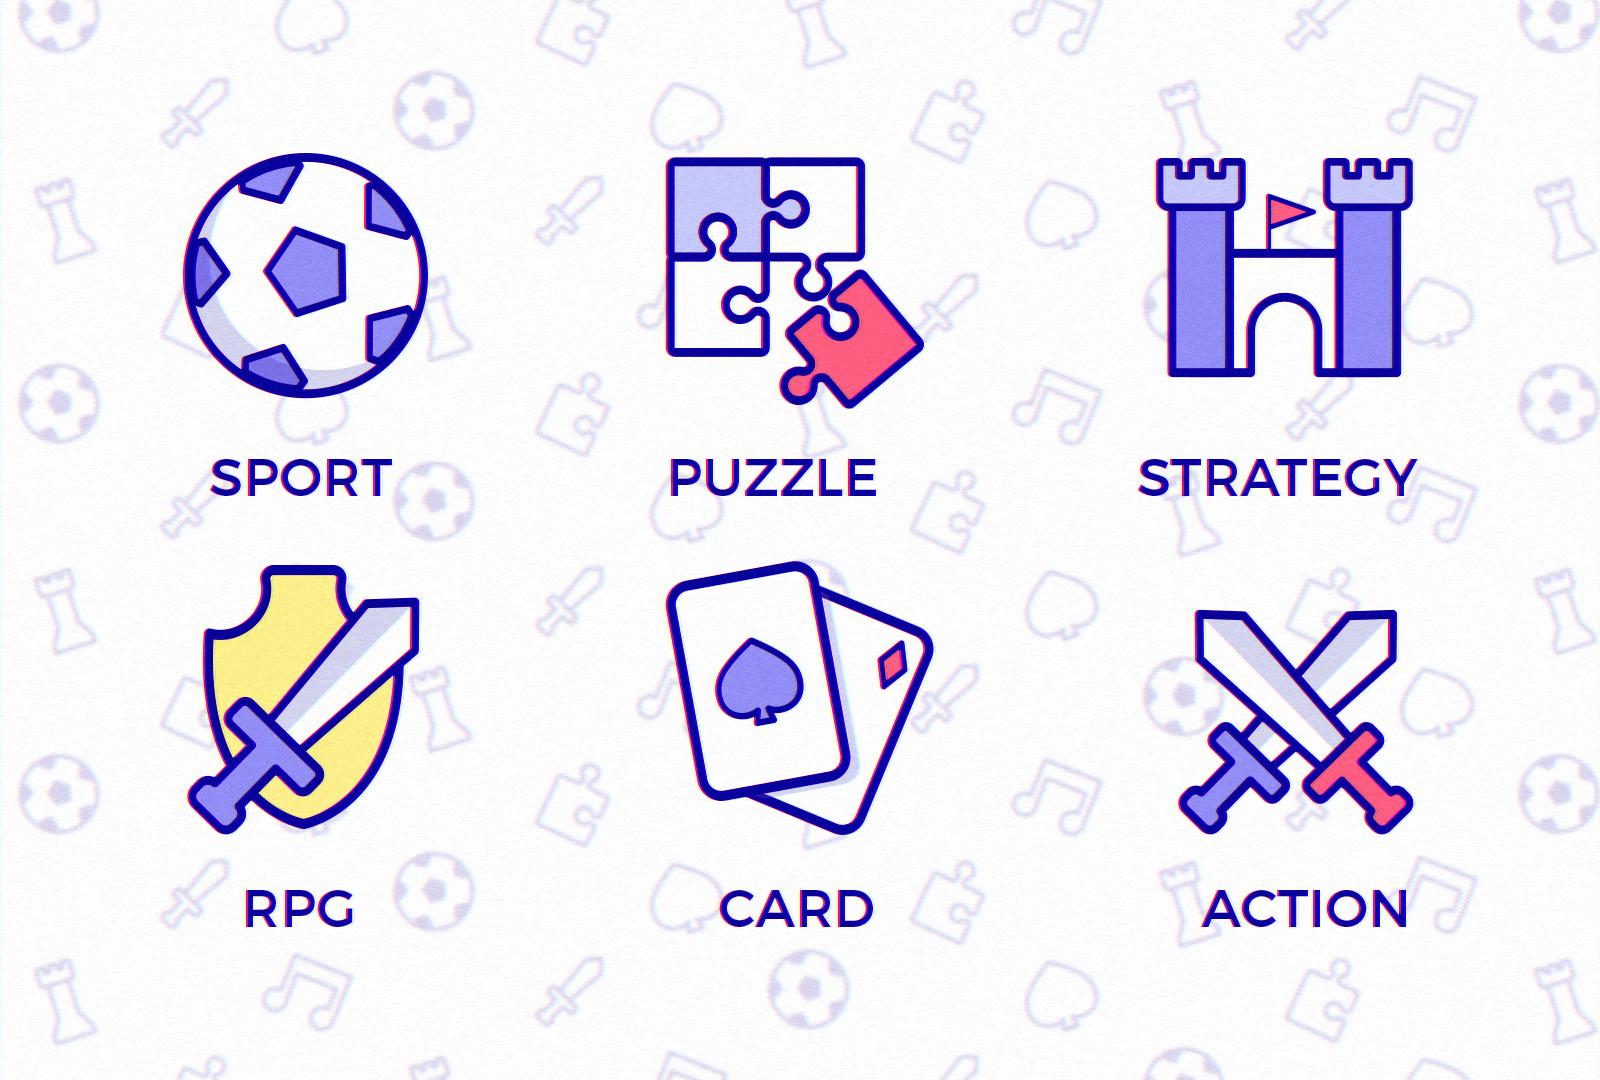 Жанры мобильных игр: какие бывают, какой самый популярный жанр мобильных игр, что такое MOBA, RTS, MMORPG, Action